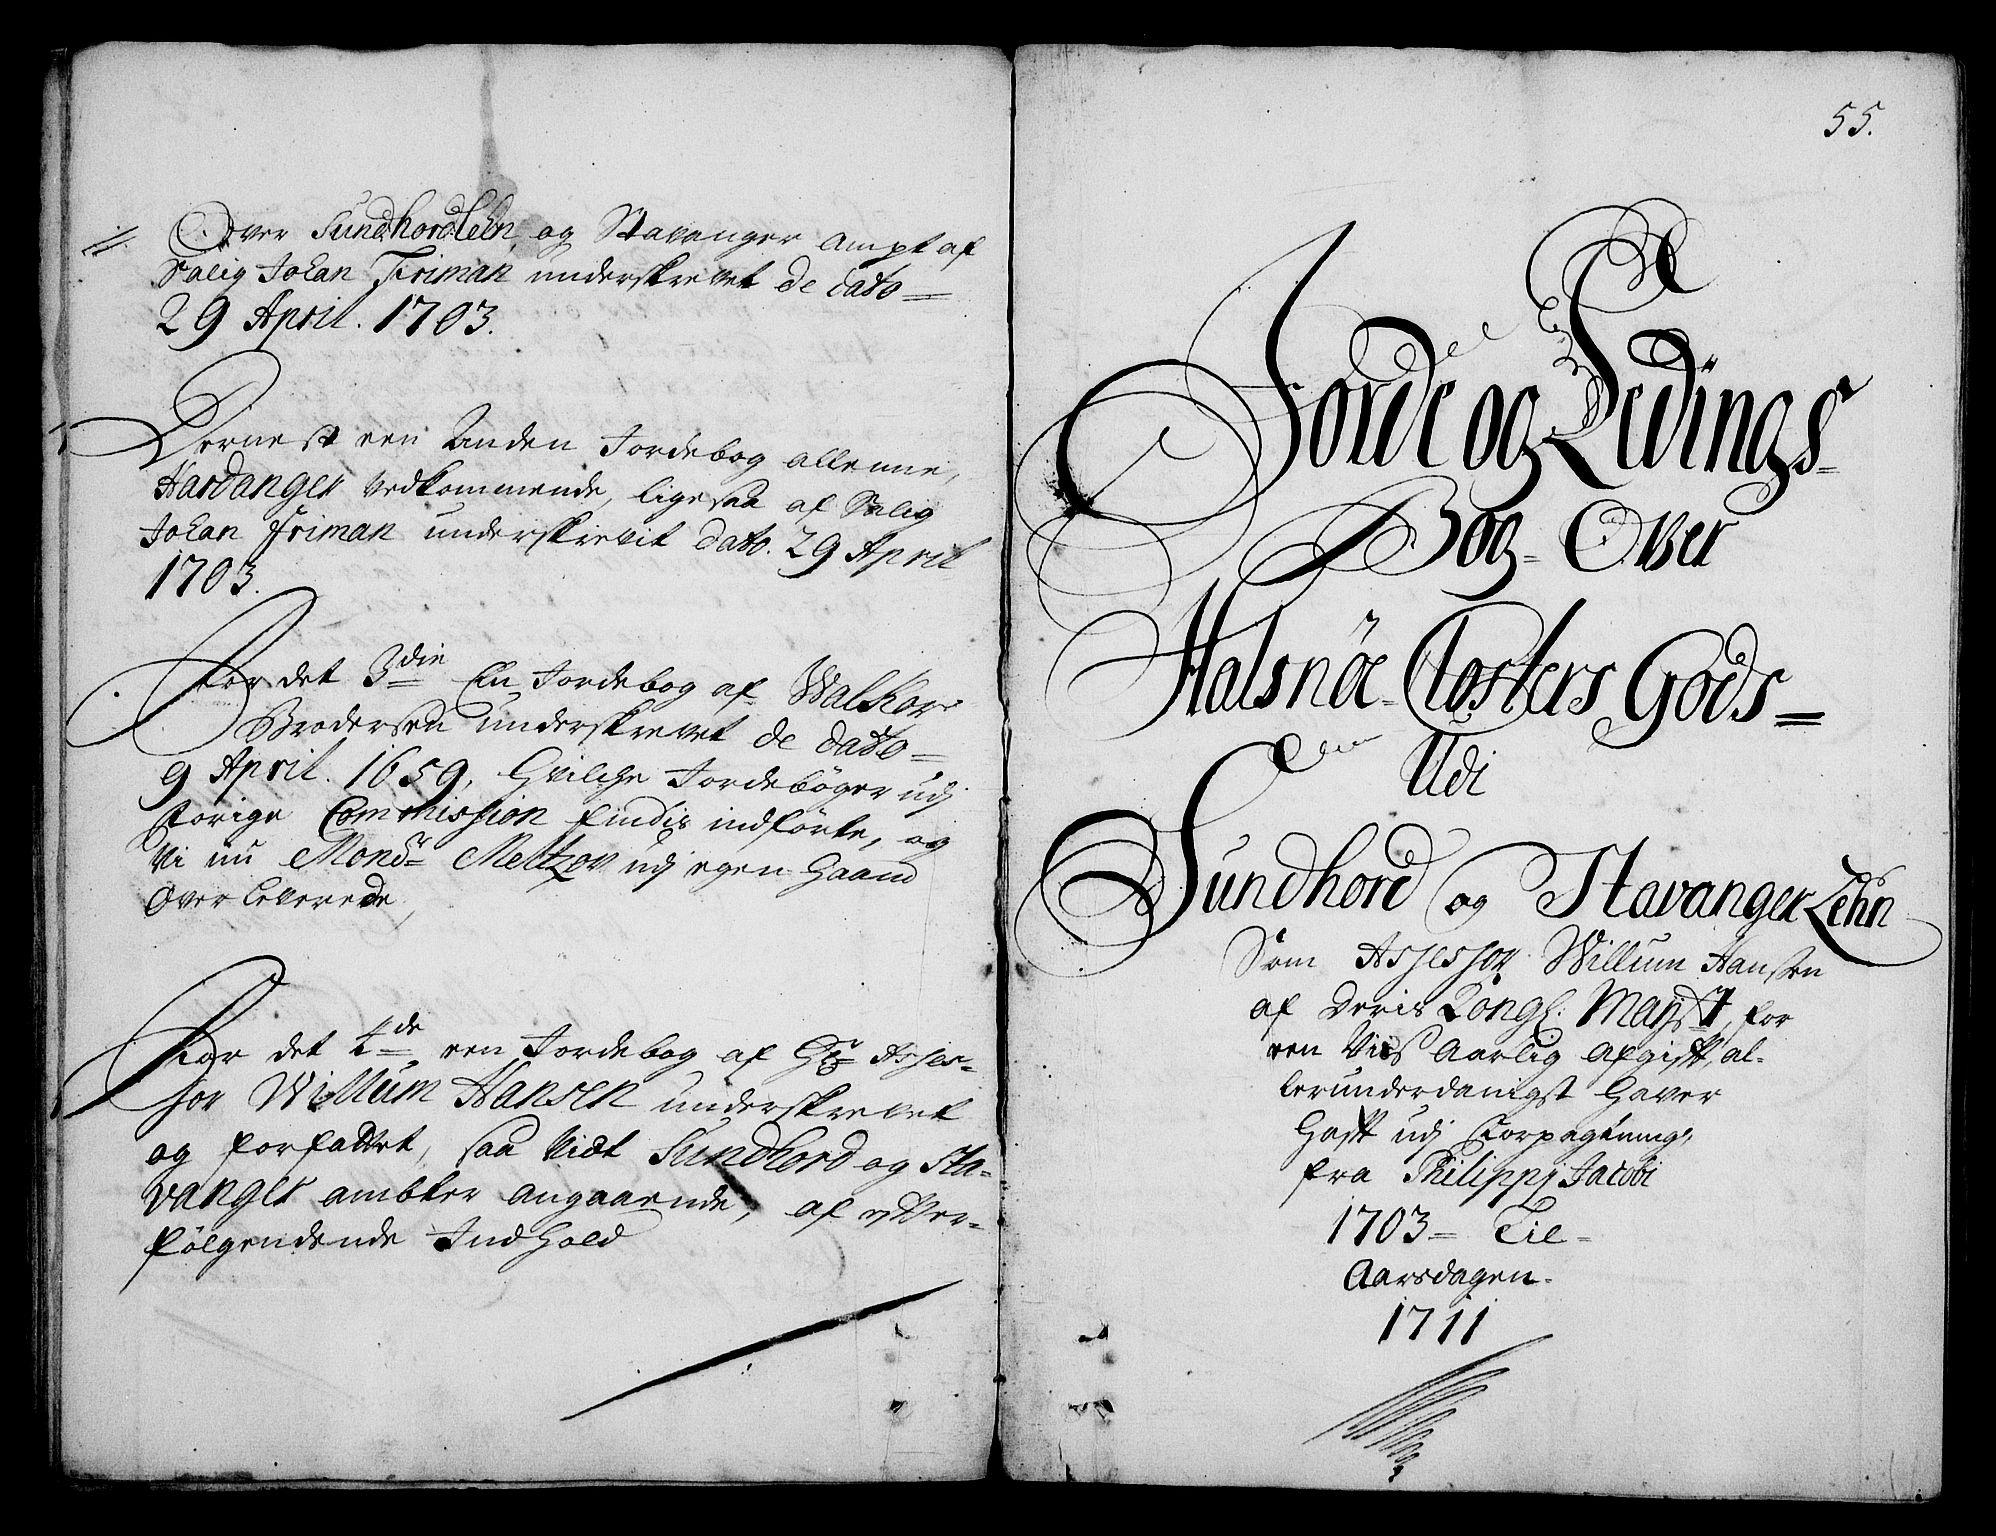 RA, Rentekammeret inntil 1814, Realistisk ordnet avdeling, On/L0003: [Jj 4]: Kommisjonsforretning over Vilhelm Hanssøns forpaktning av Halsnøy klosters gods, 1712-1722, s. 54b-55a